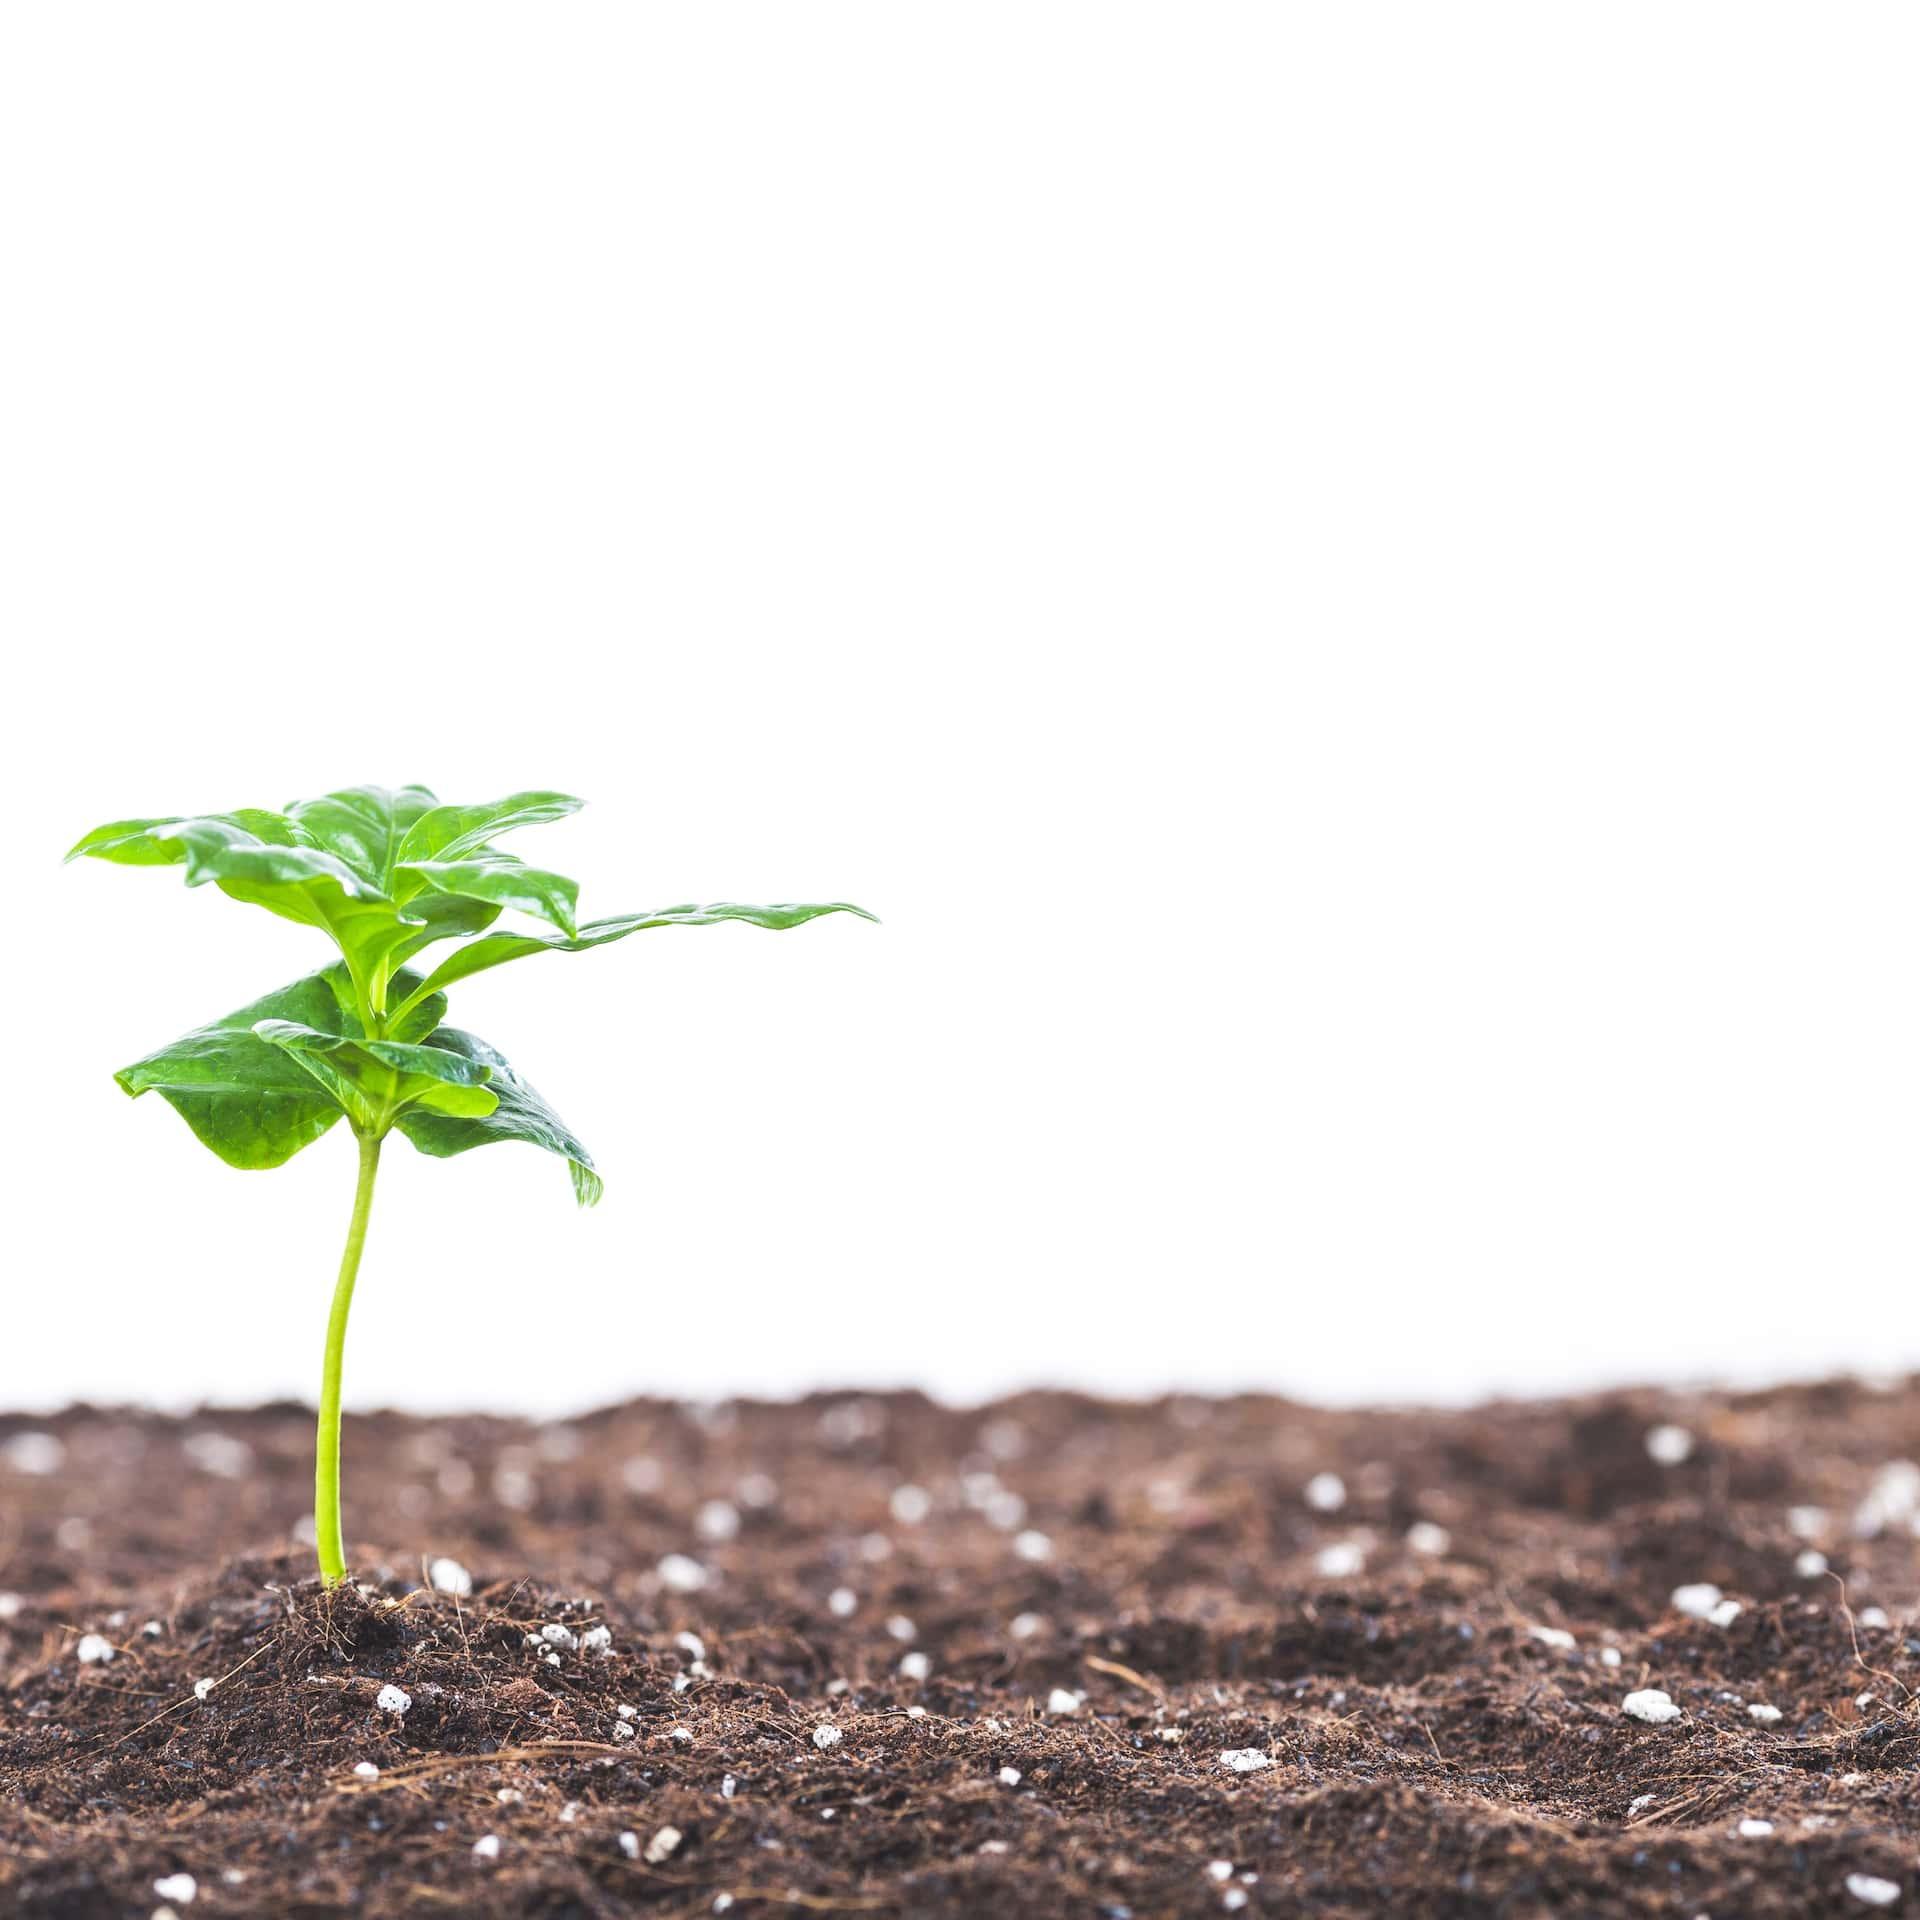 Persoonlijke groei vanuit islamitisch perspectief